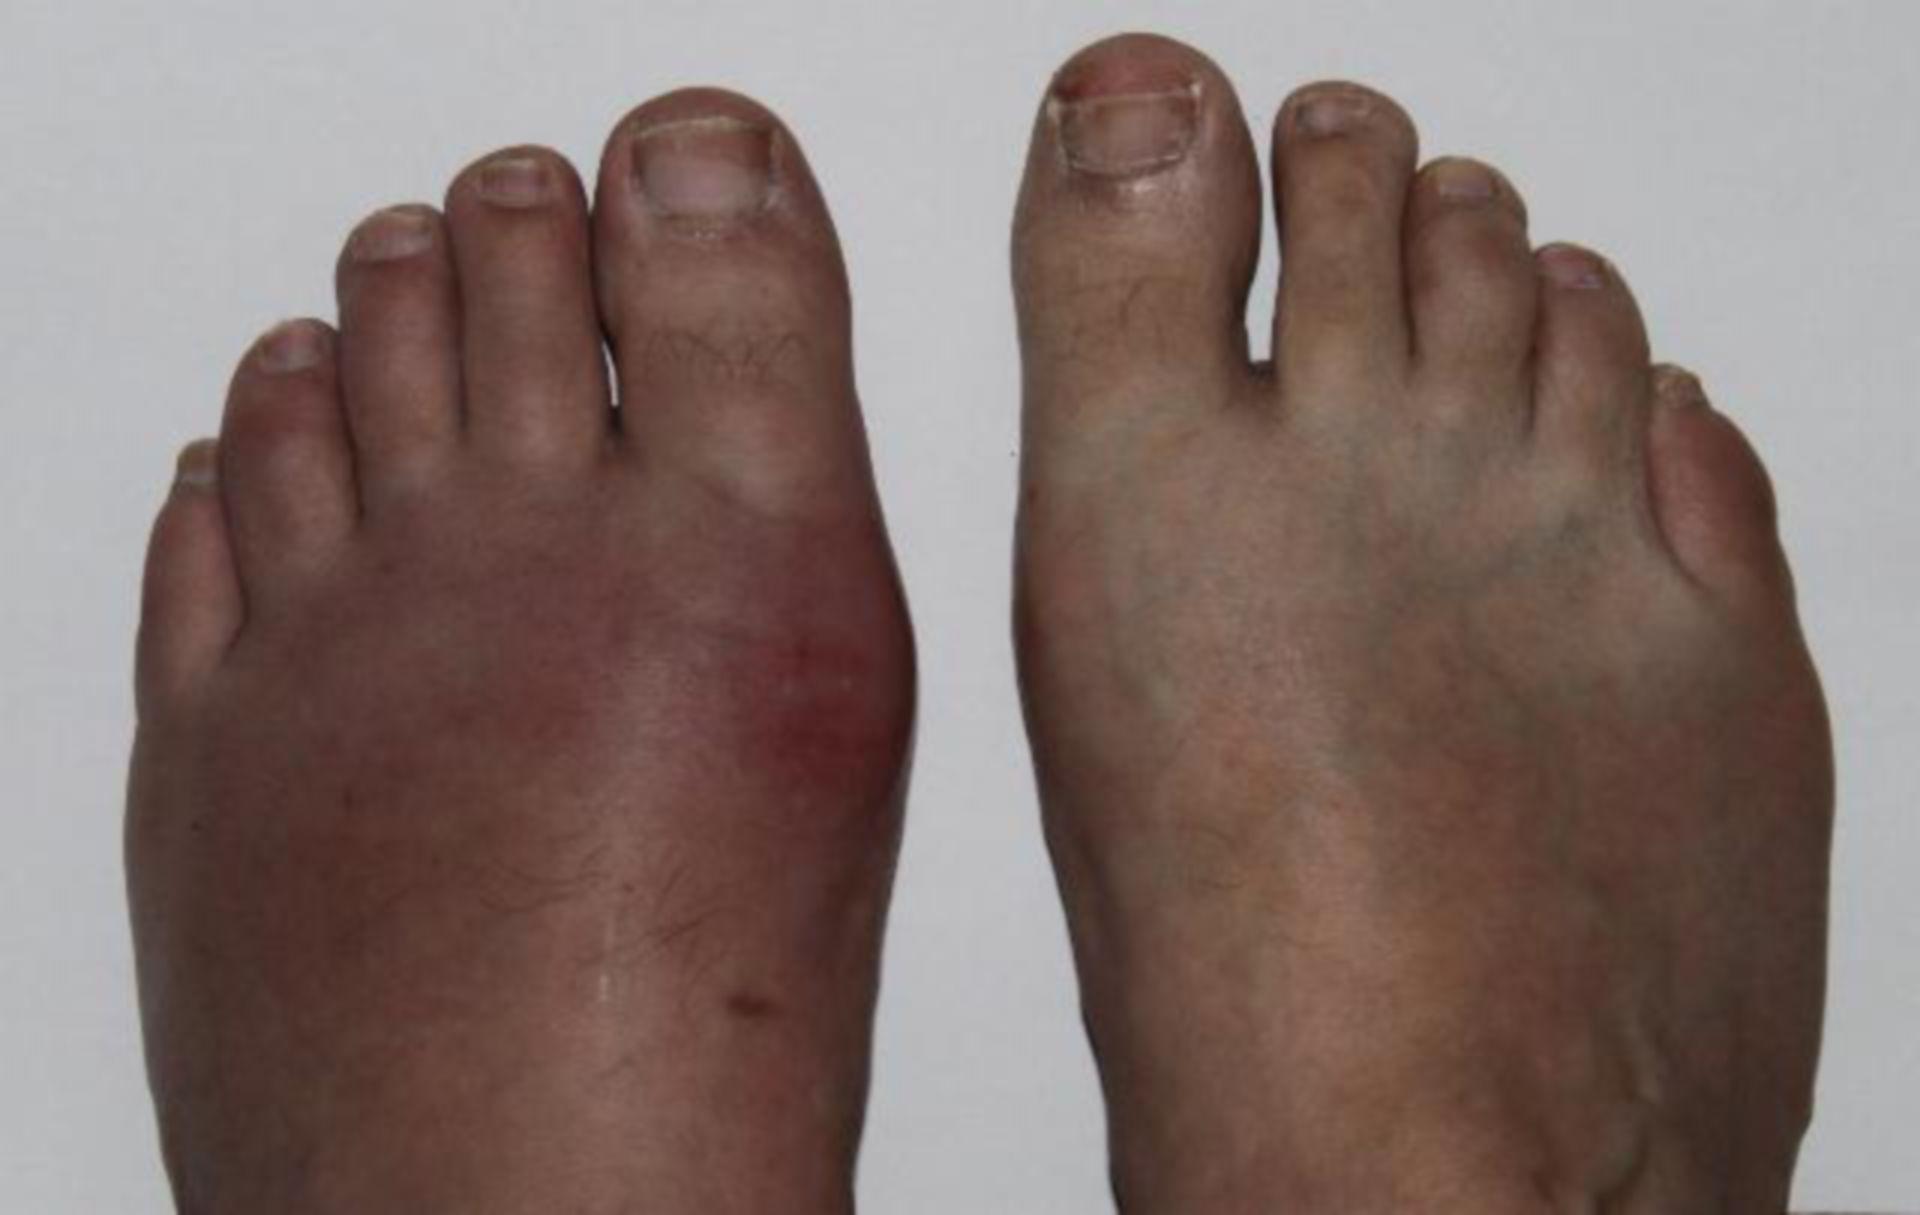 Podagra (ataque de artritis gotosa en el dedo gordo)